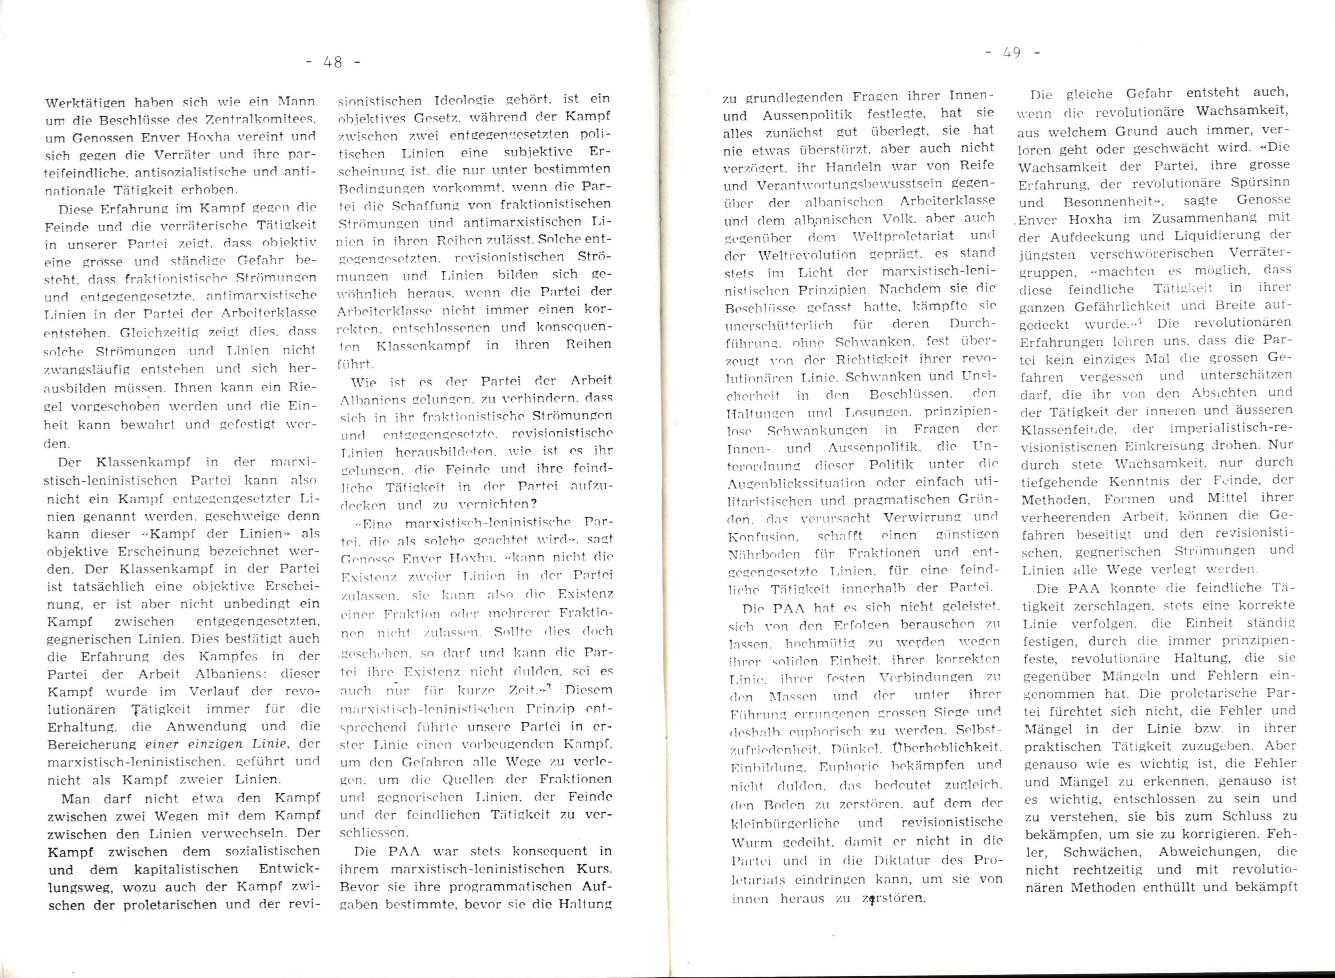 MLSK_Theorie_und_Praxis_des_ML_1979_25_25